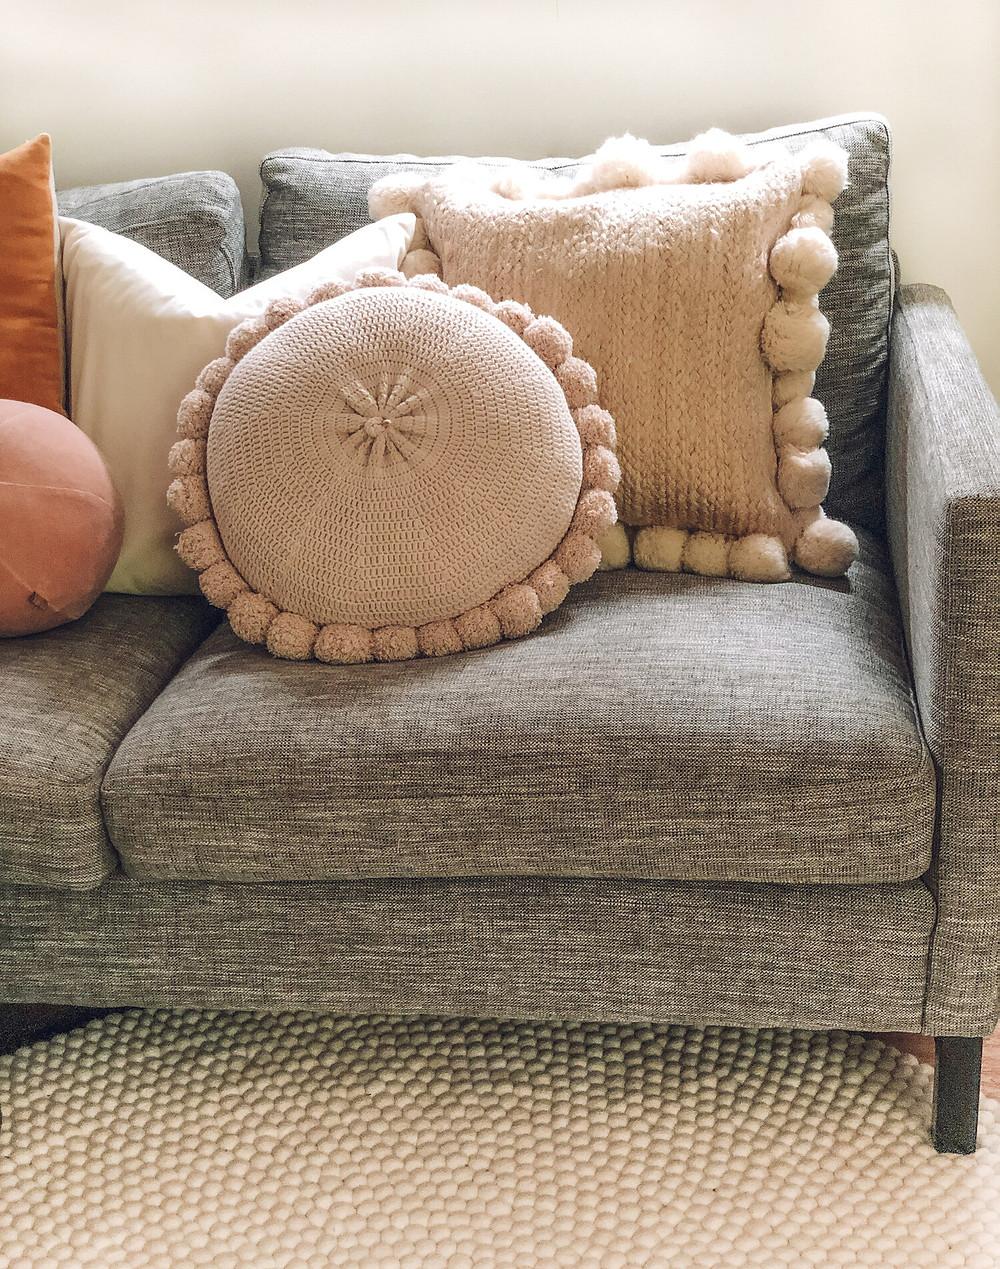 Tiny home using white round rug.